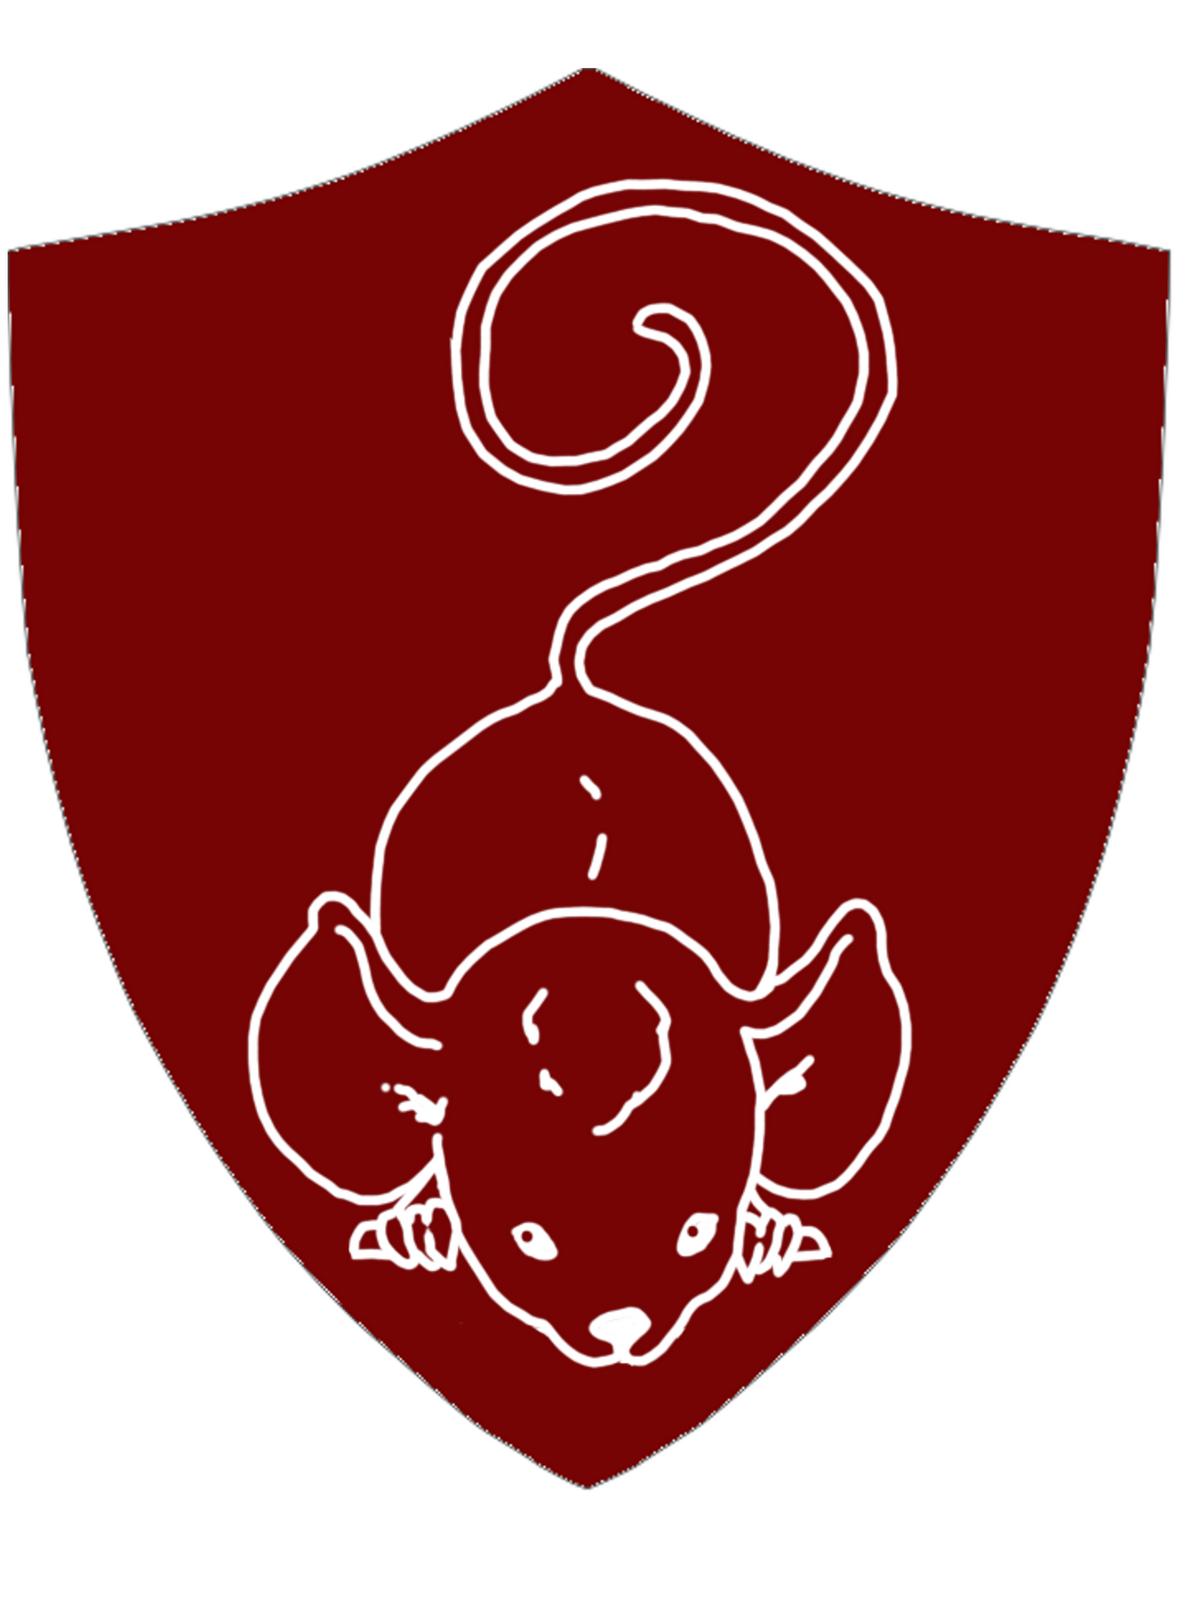 http://2.bp.blogspot.com/_g-xTa3Zhnd8/TBab3iW_zXI/AAAAAAAAMUo/TlhSxwgyTP4/s1600/tmouse-logo4_01_03%2Bmouse%2Bonly%2Bshield.png